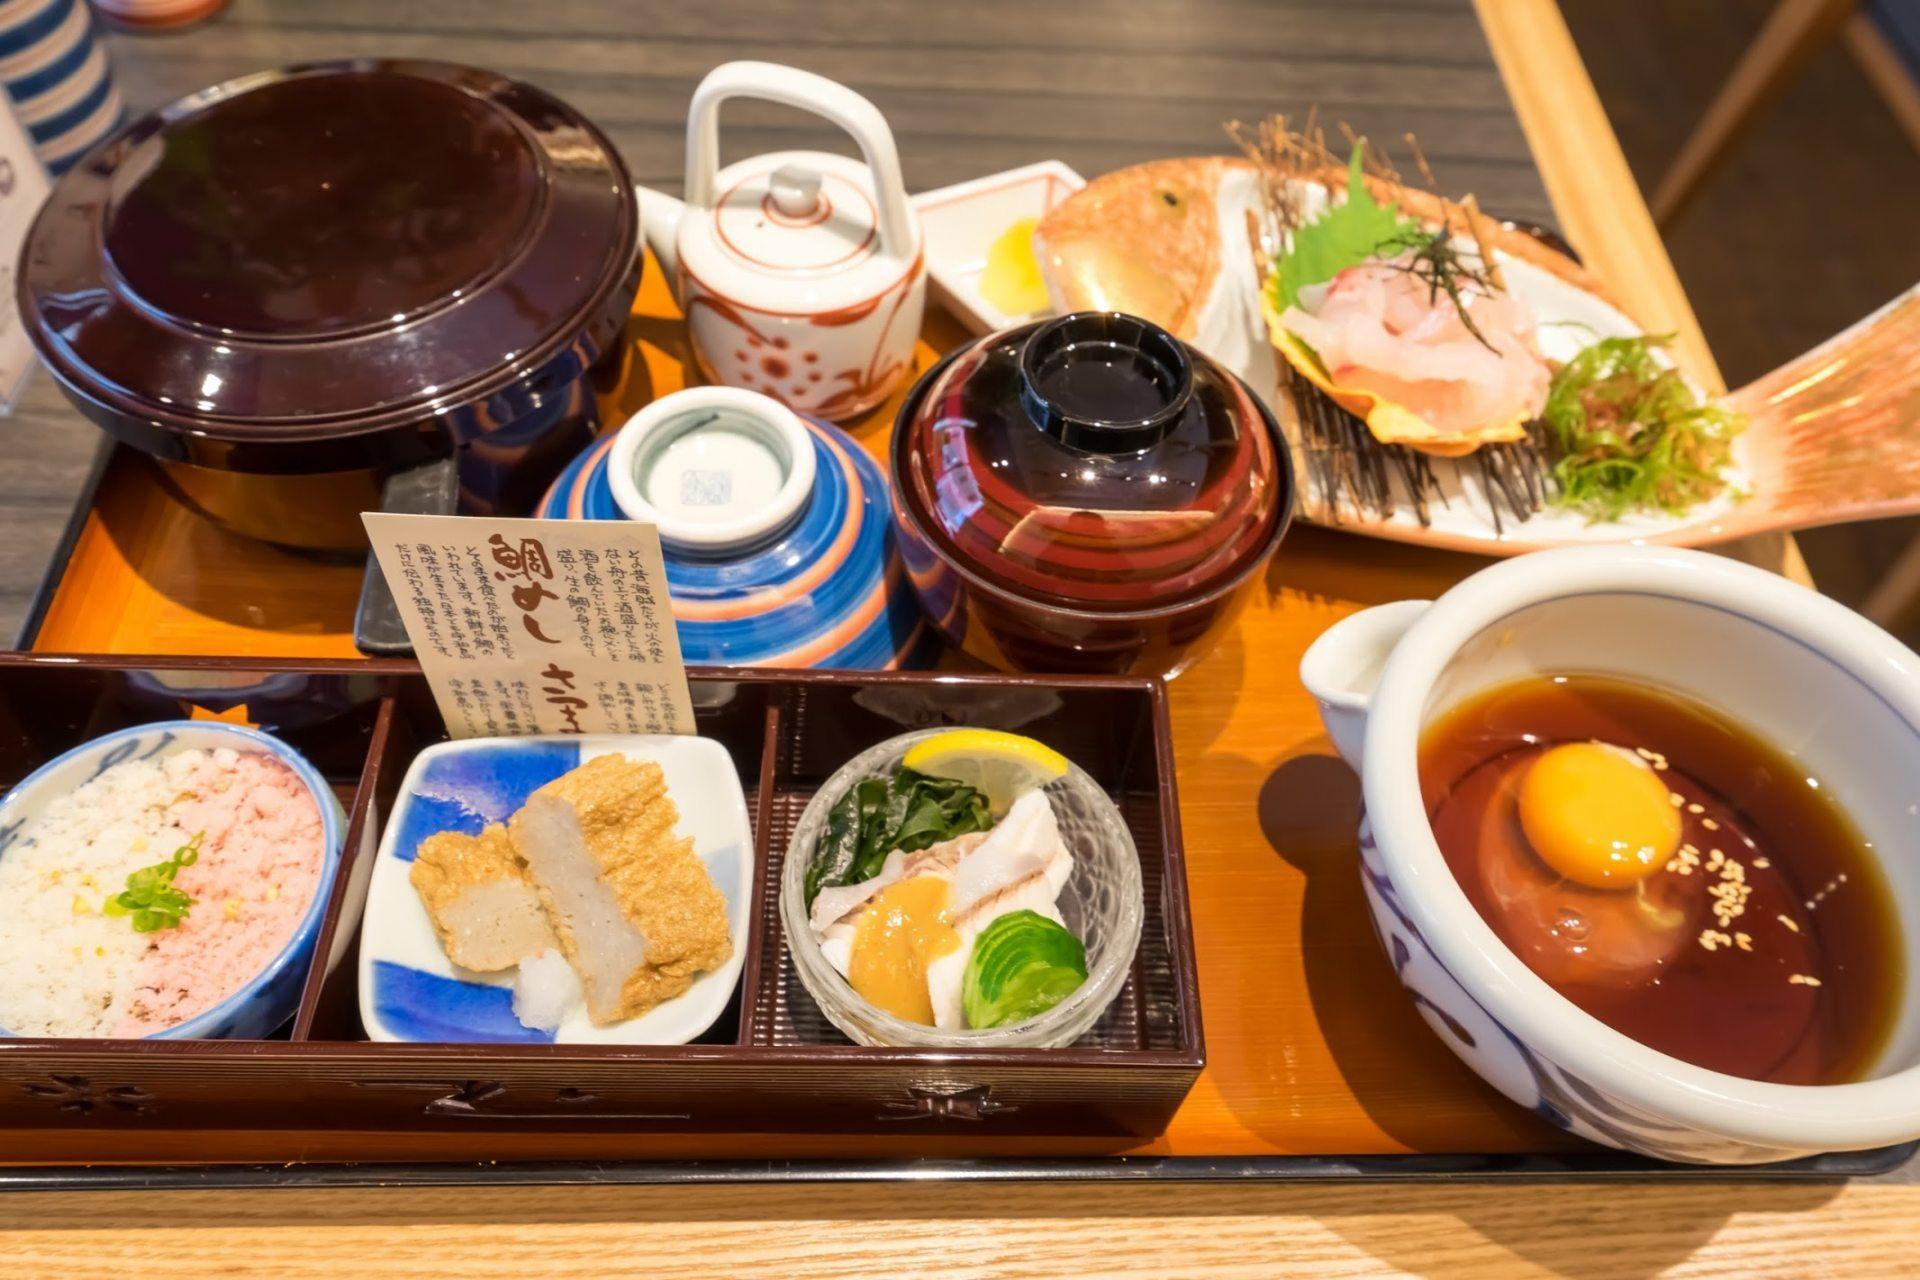 「宇和岛 鲷鱼饭膳」套餐,一份1980日圆 (含税)